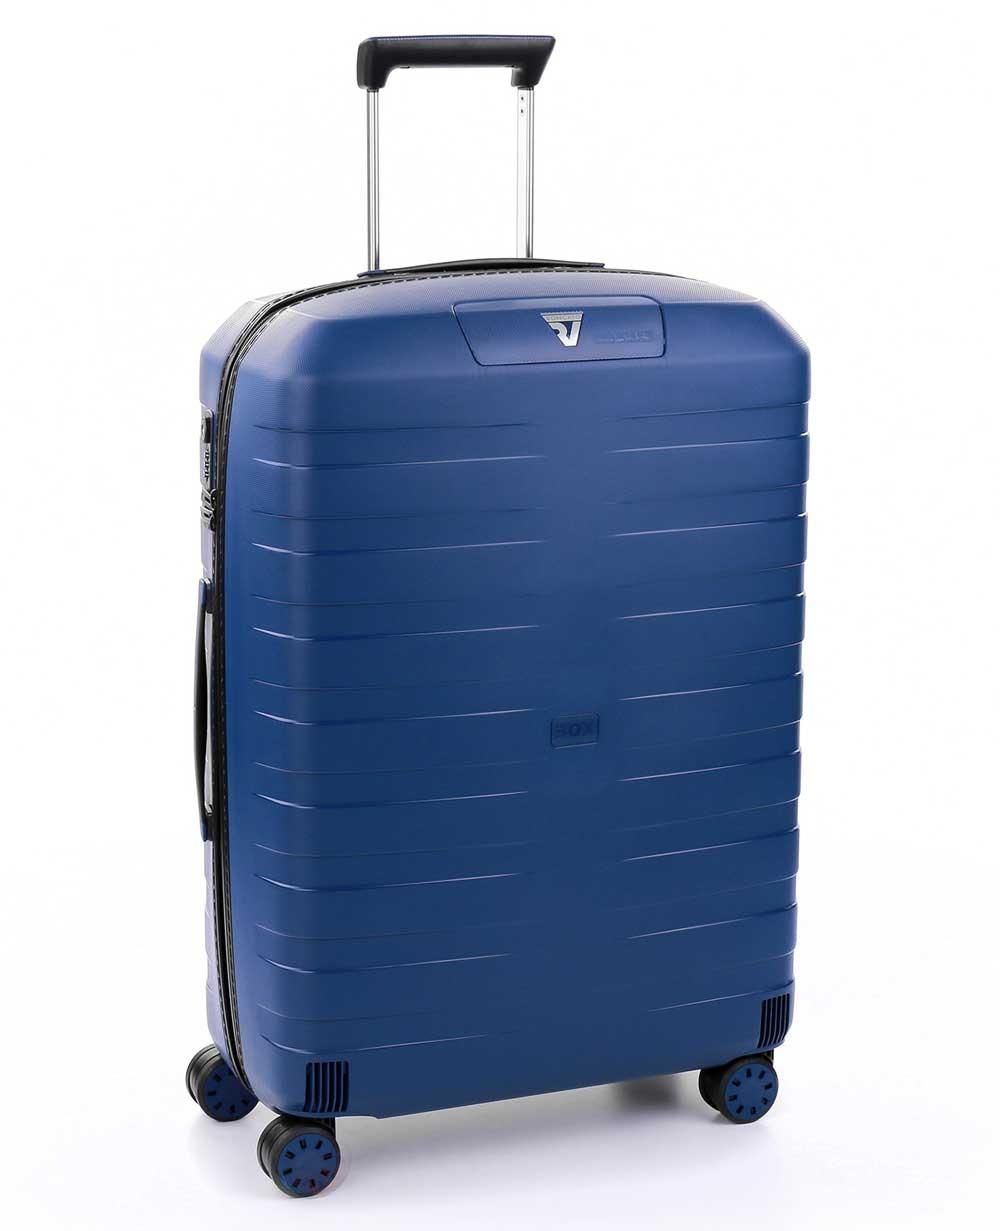 Roncato Box 4.0 EXP Maleta mediana Azul Marino (Foto )